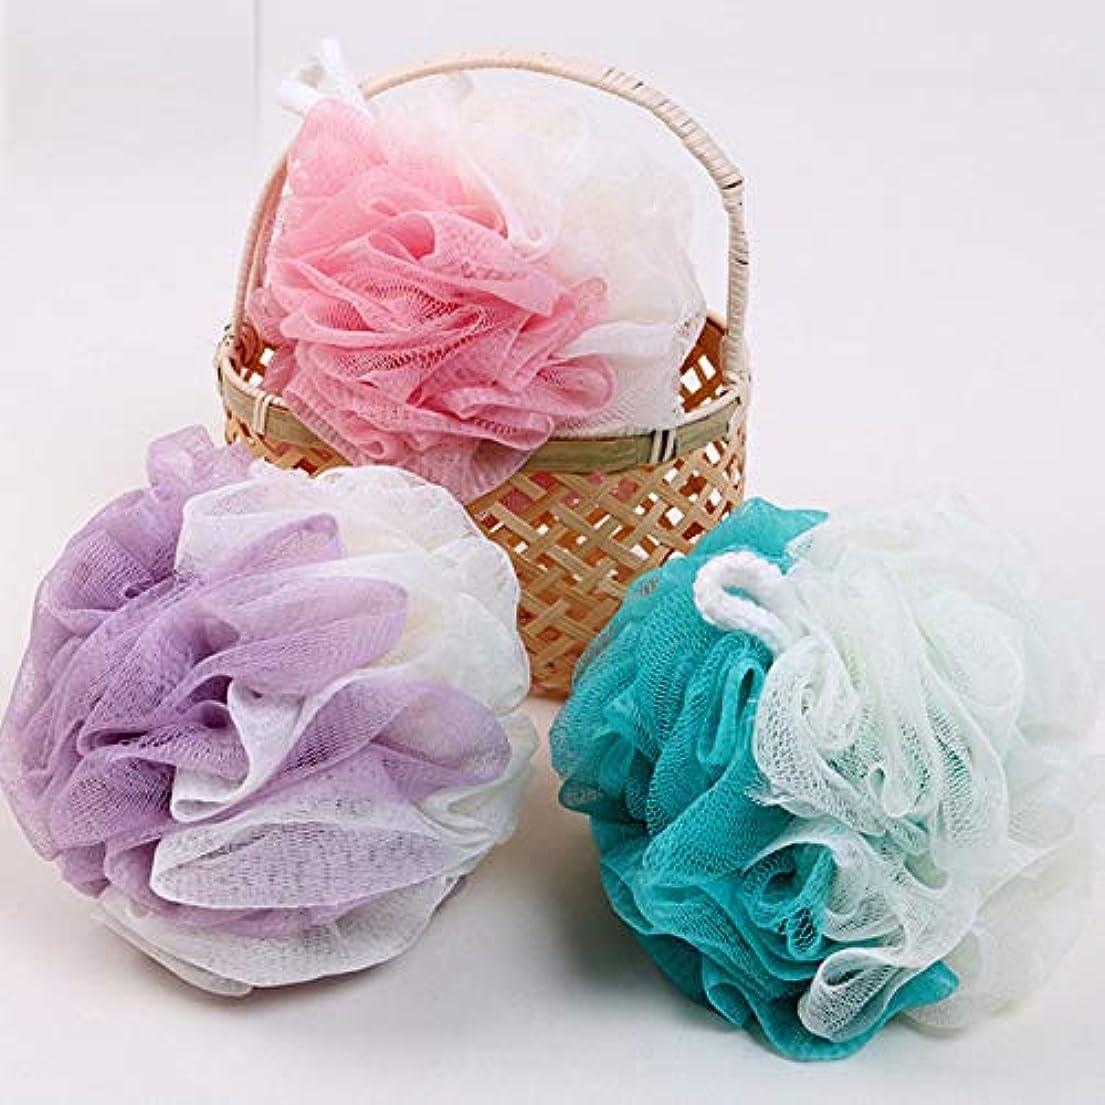 再現する手段ローストボディウォッシュボール 泡立てネット スポンジ フラワーボール 超柔軟 シャワー用 風呂 浴室 3 個入 (3 個入, Pink + Purple + Blue)